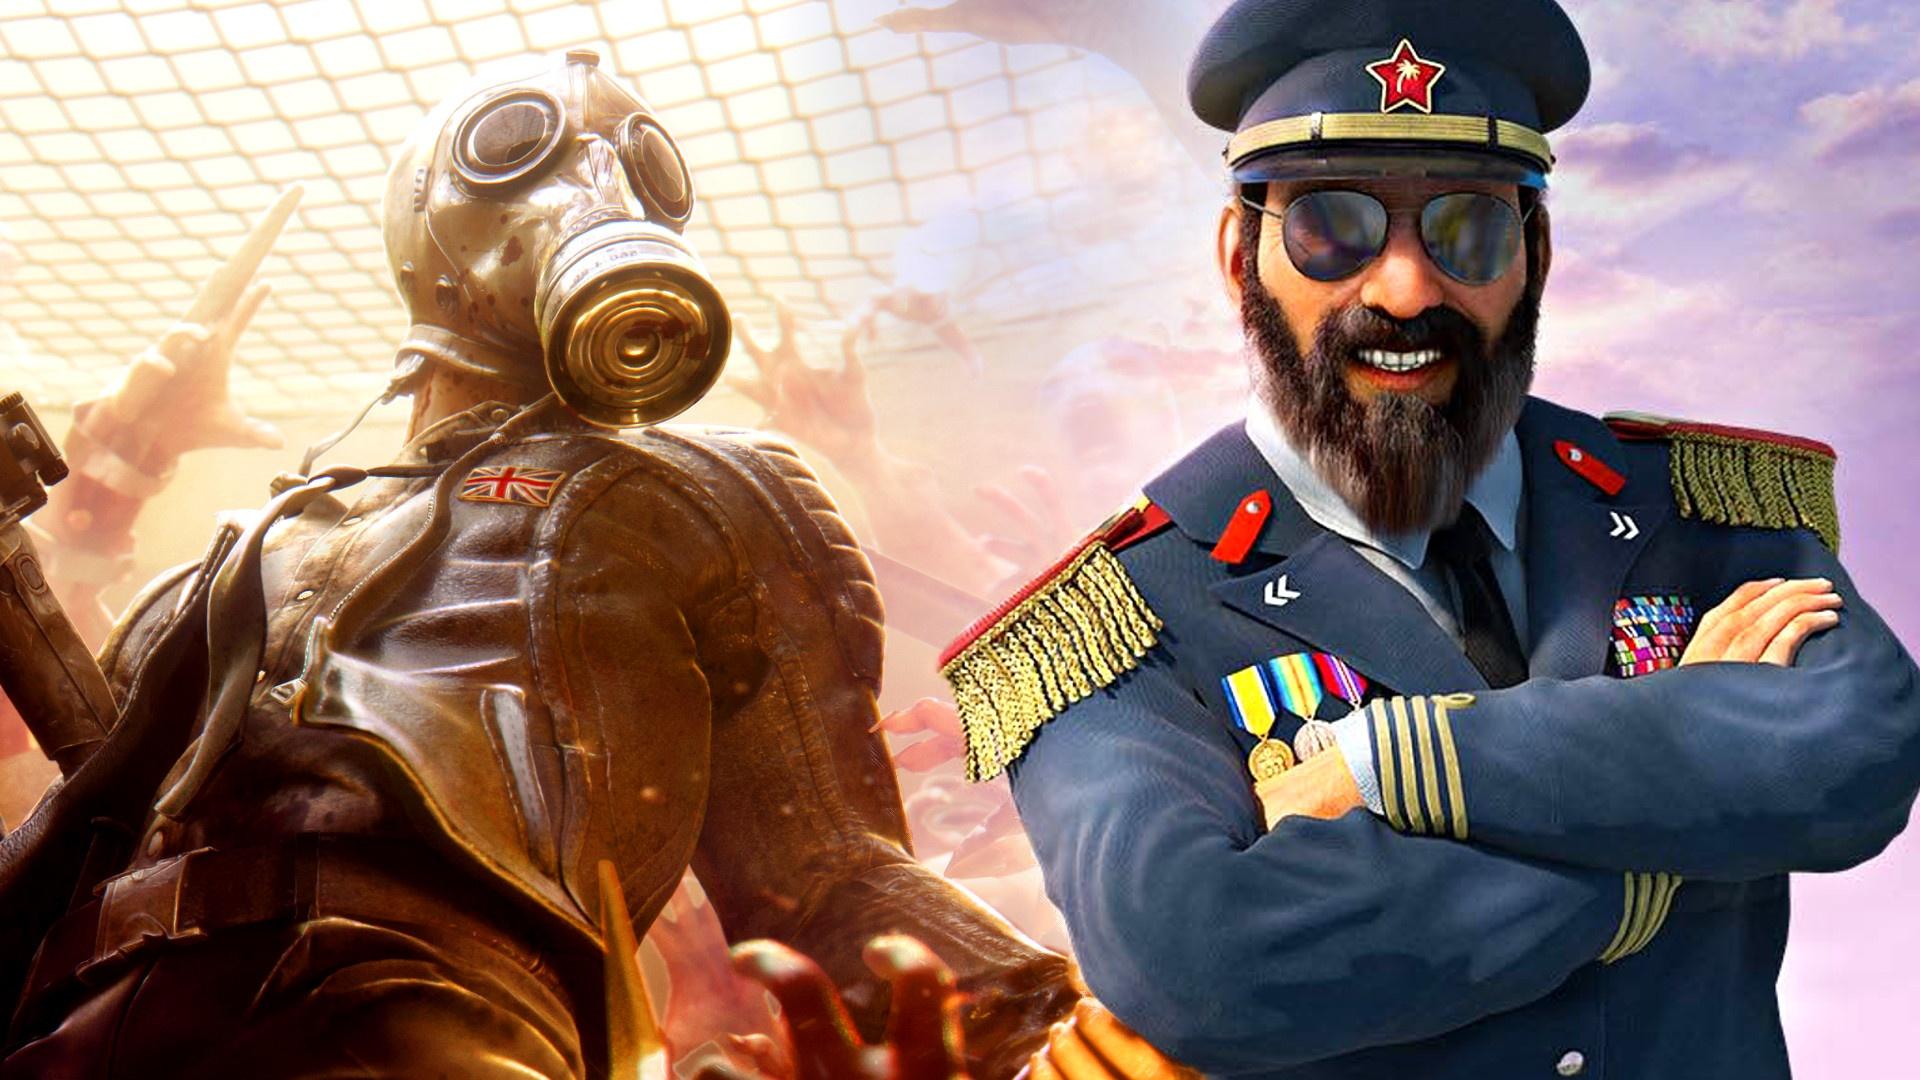 Bei Steam, Epic & Co. sind 5 Spiele kostenlos: Was lohnt sich?